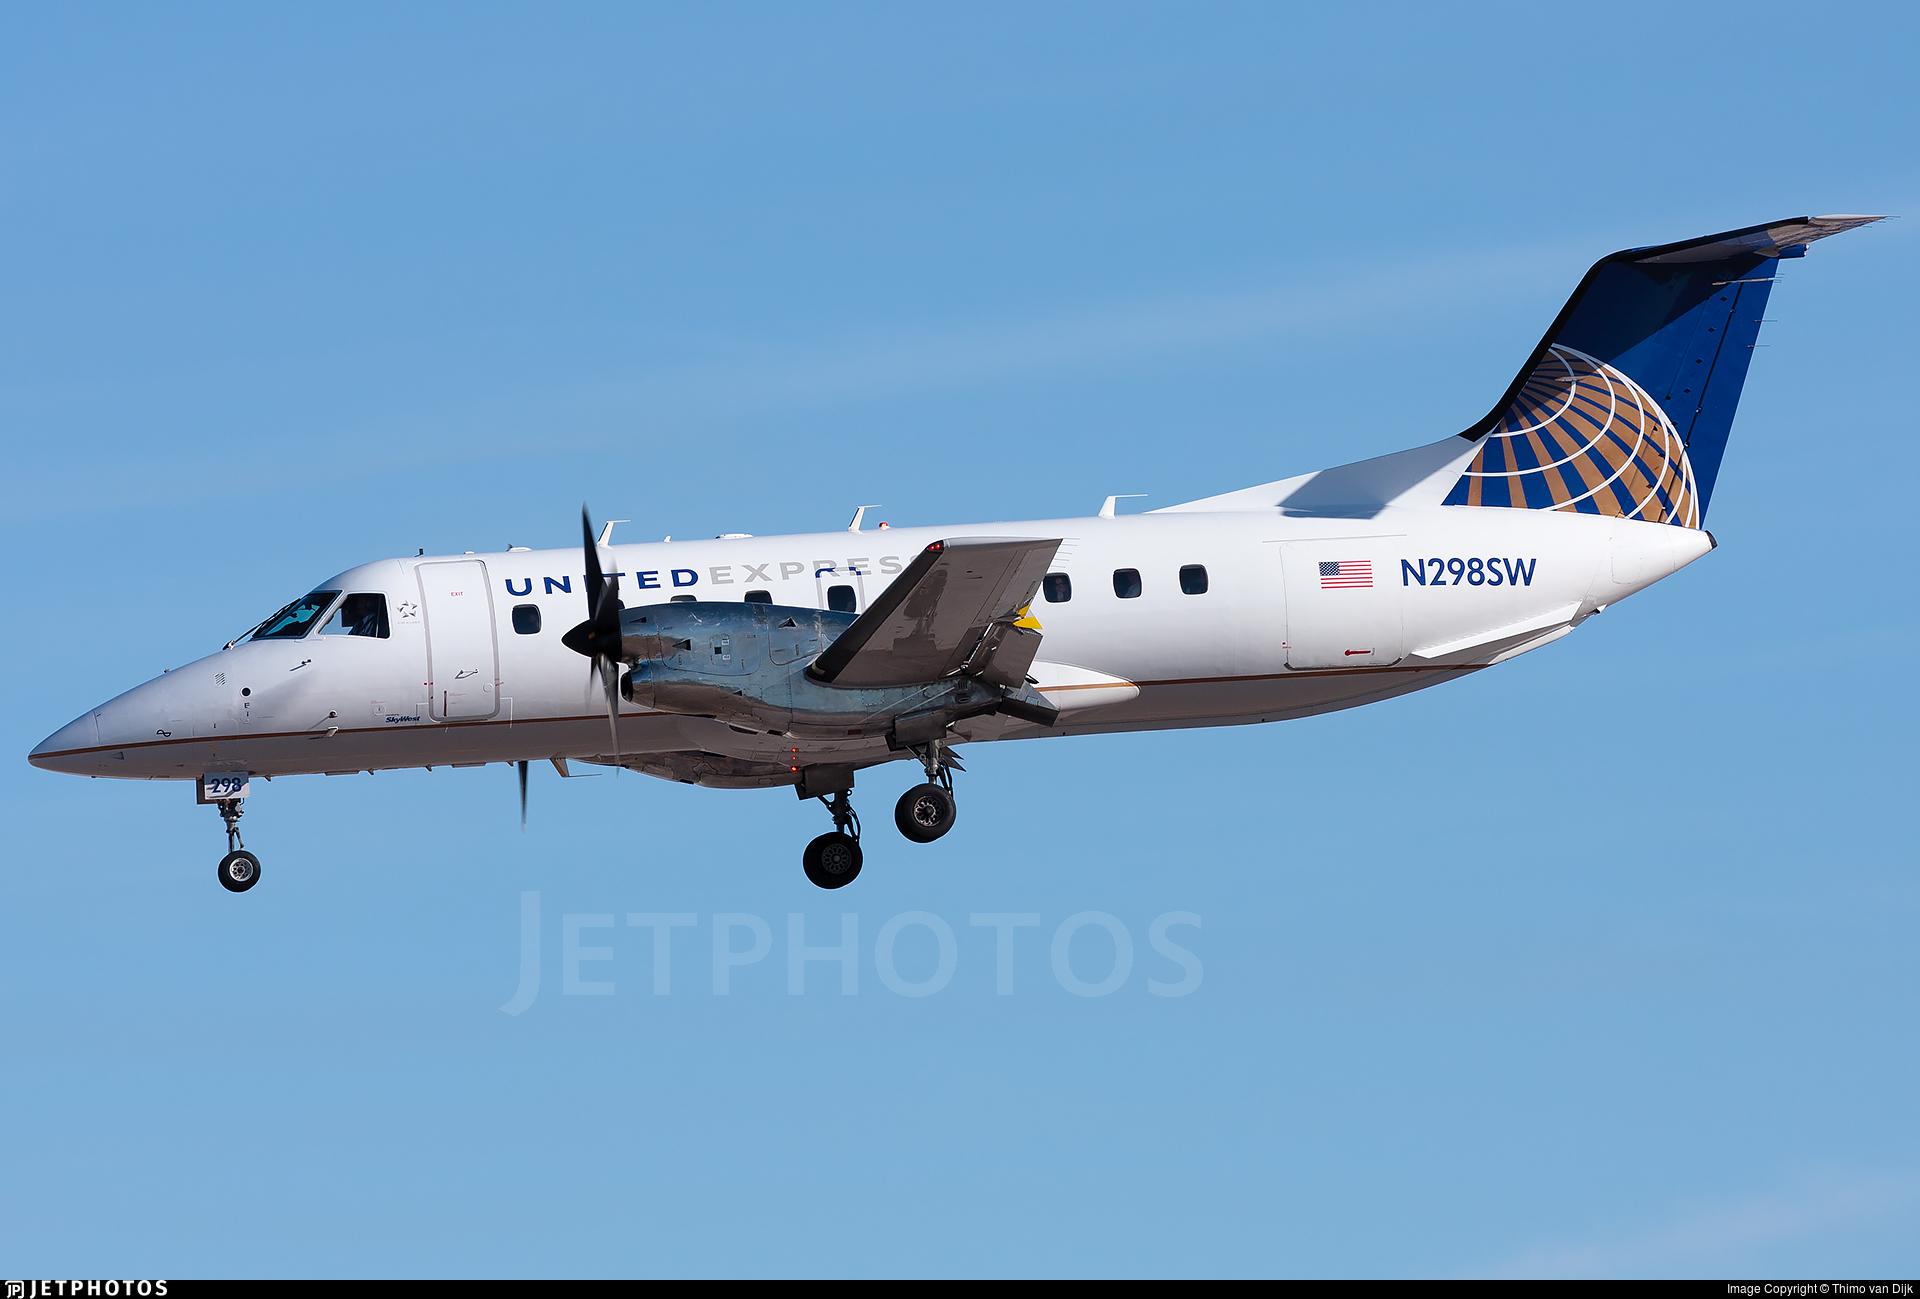 N298SW - Embraer EMB-120ER Brasília - United Express (SkyWest Airlines)